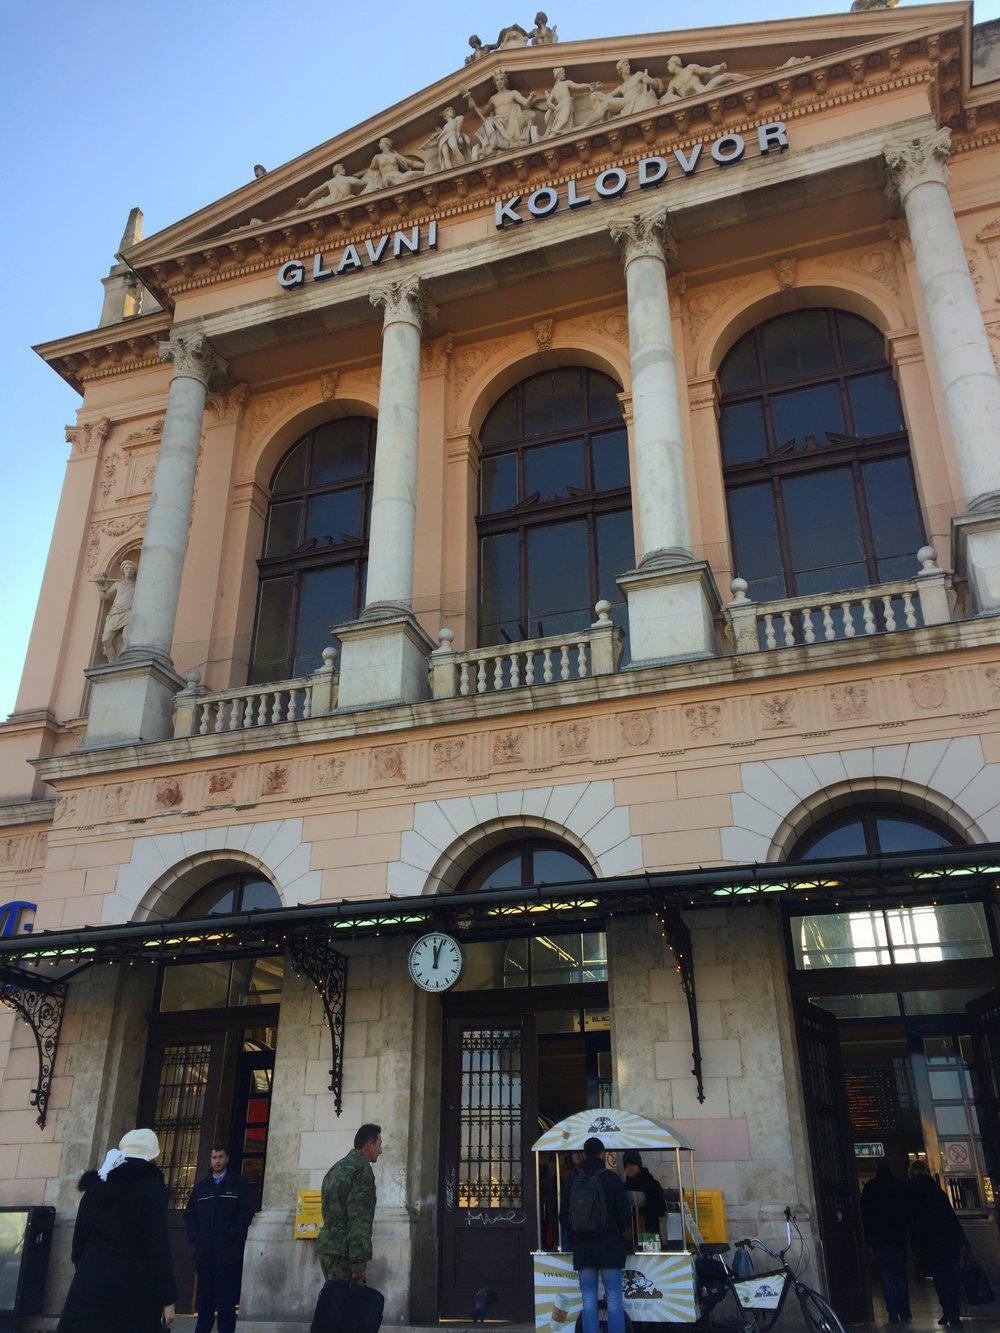 Zagreb train station